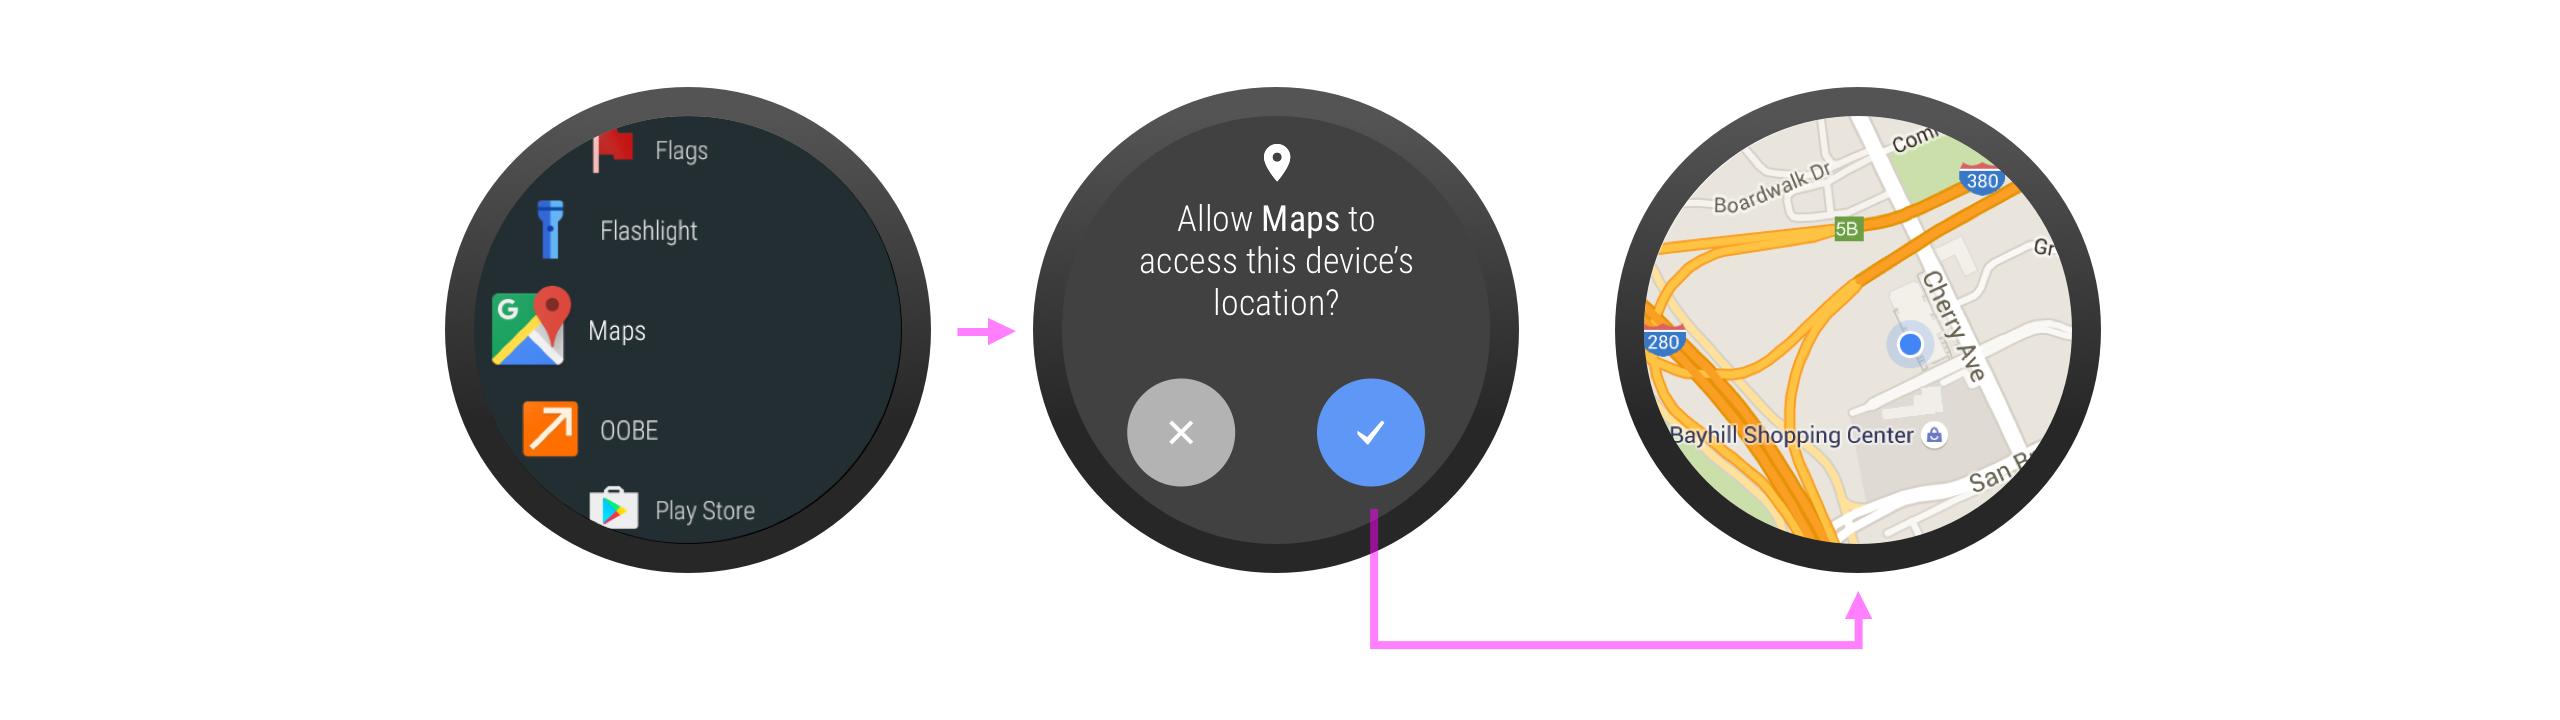 Jika aplikasi jelas memerlukan izin untuk berjalan, aplikasi dapat langsung memintanya saat diluncurkan.